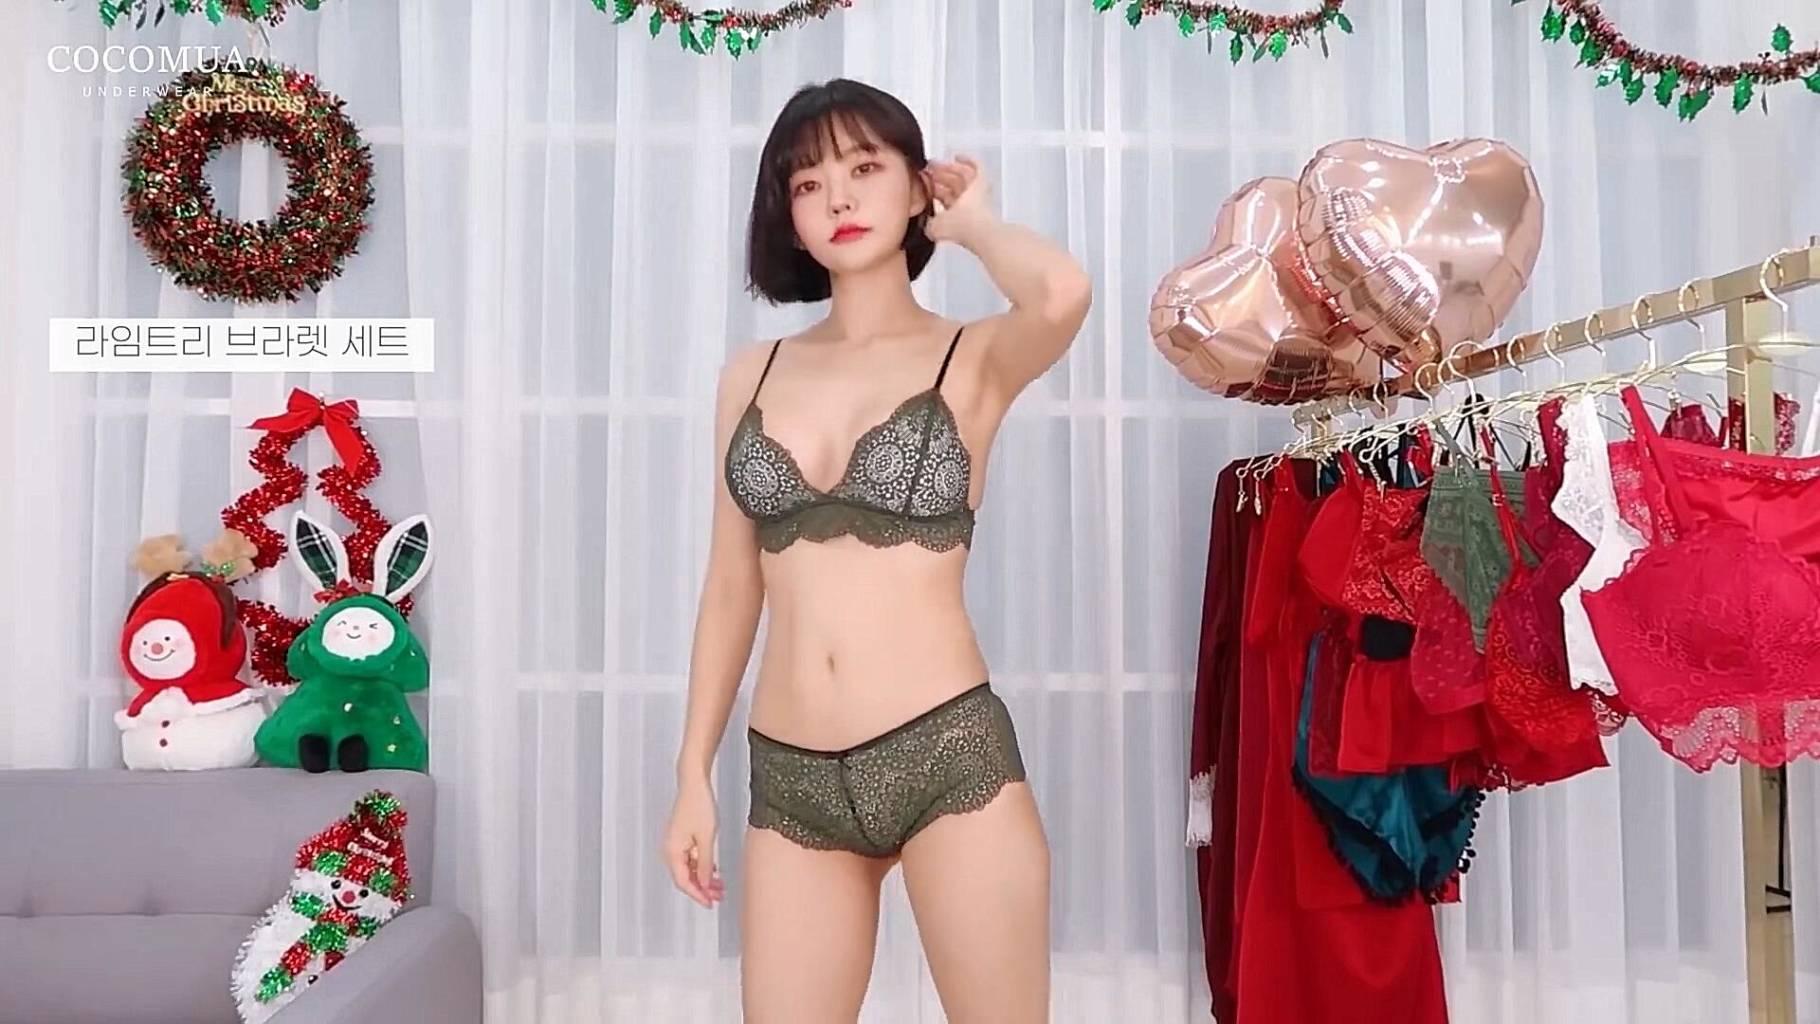 韩国妹妹换衣秀这身材不摆了